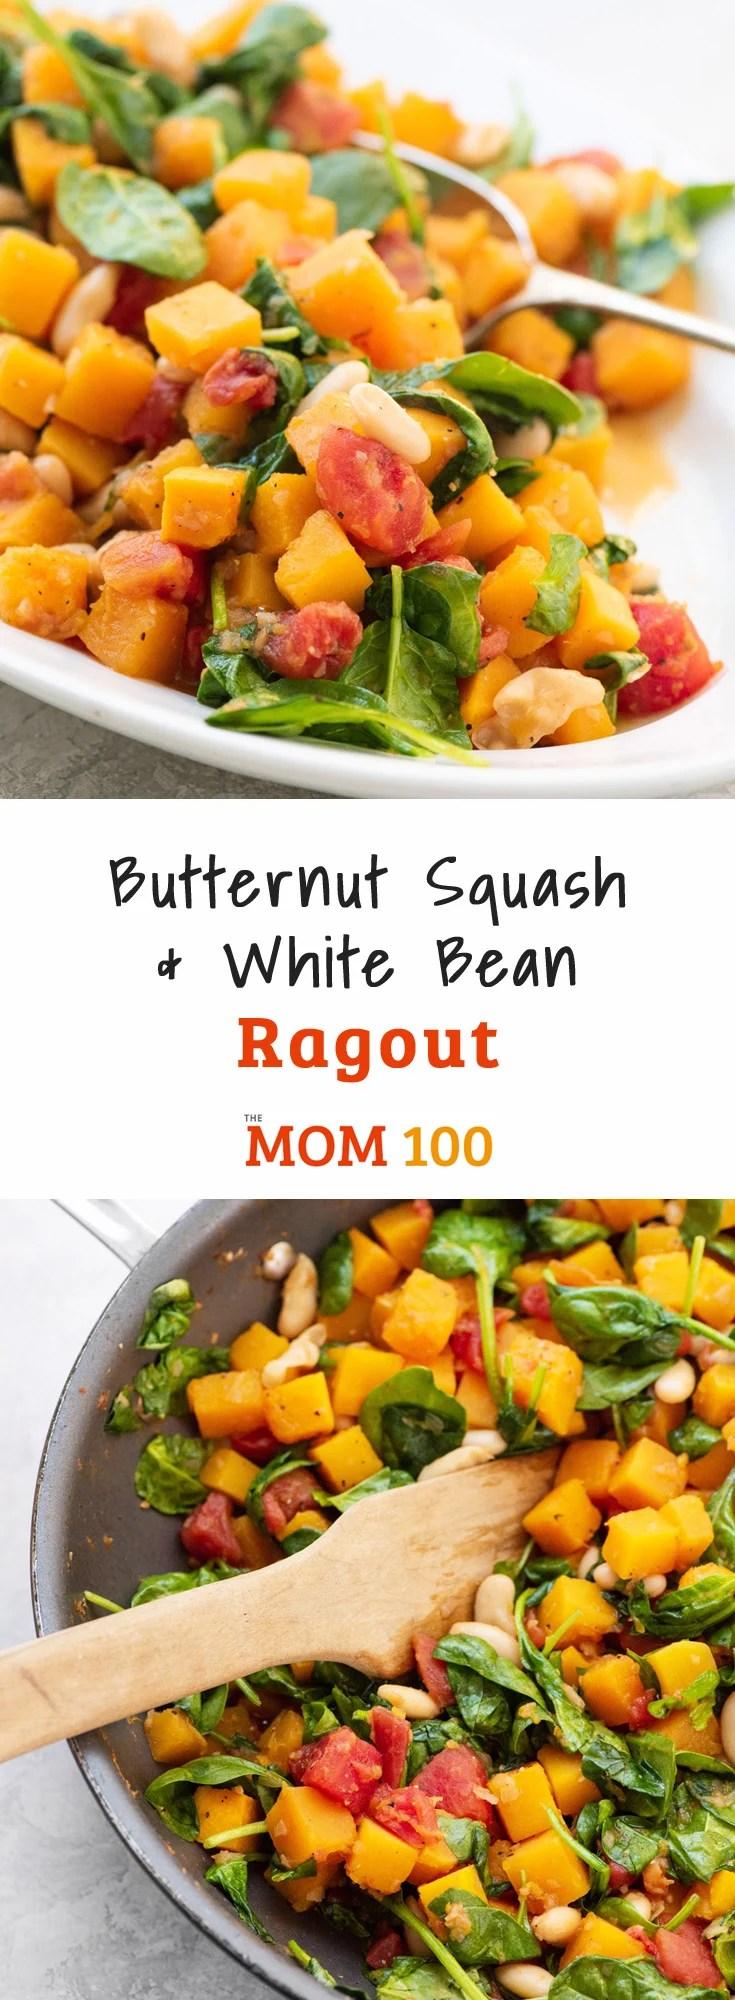 Butternut Squash and White Bean Ragout